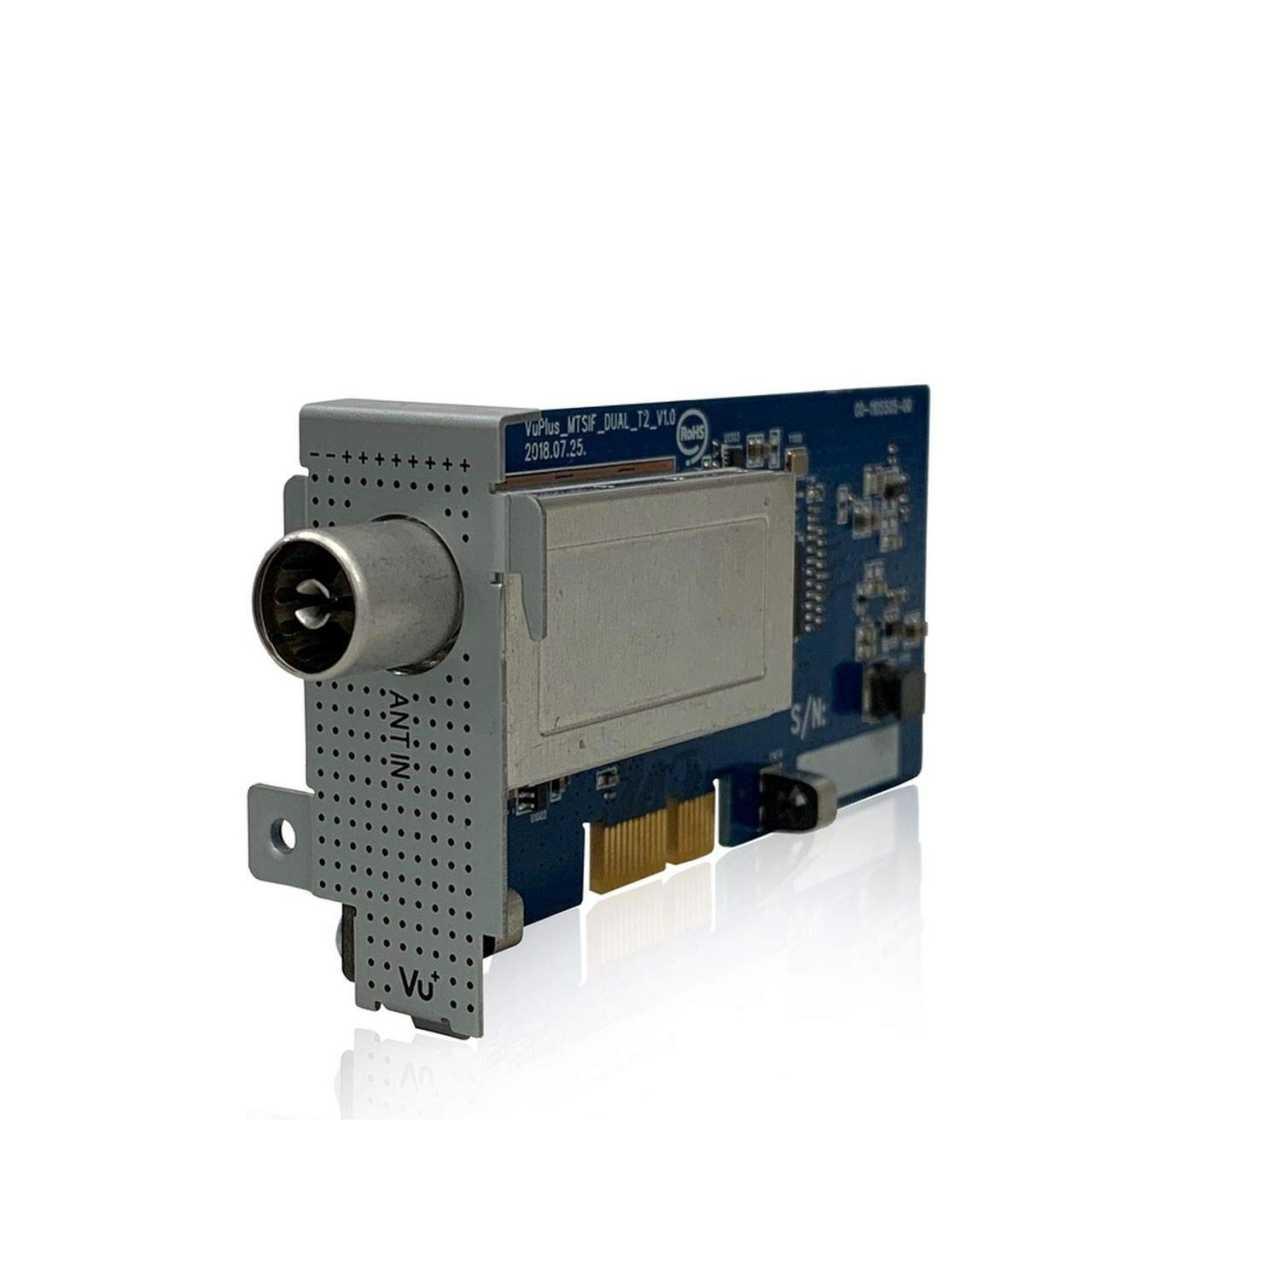 VU+ DVB-T2 HD Dual H.265 Tuner für Uno 4K - Uno 4K SE - Ultimo 4K - Duo 4K VUPZUB016